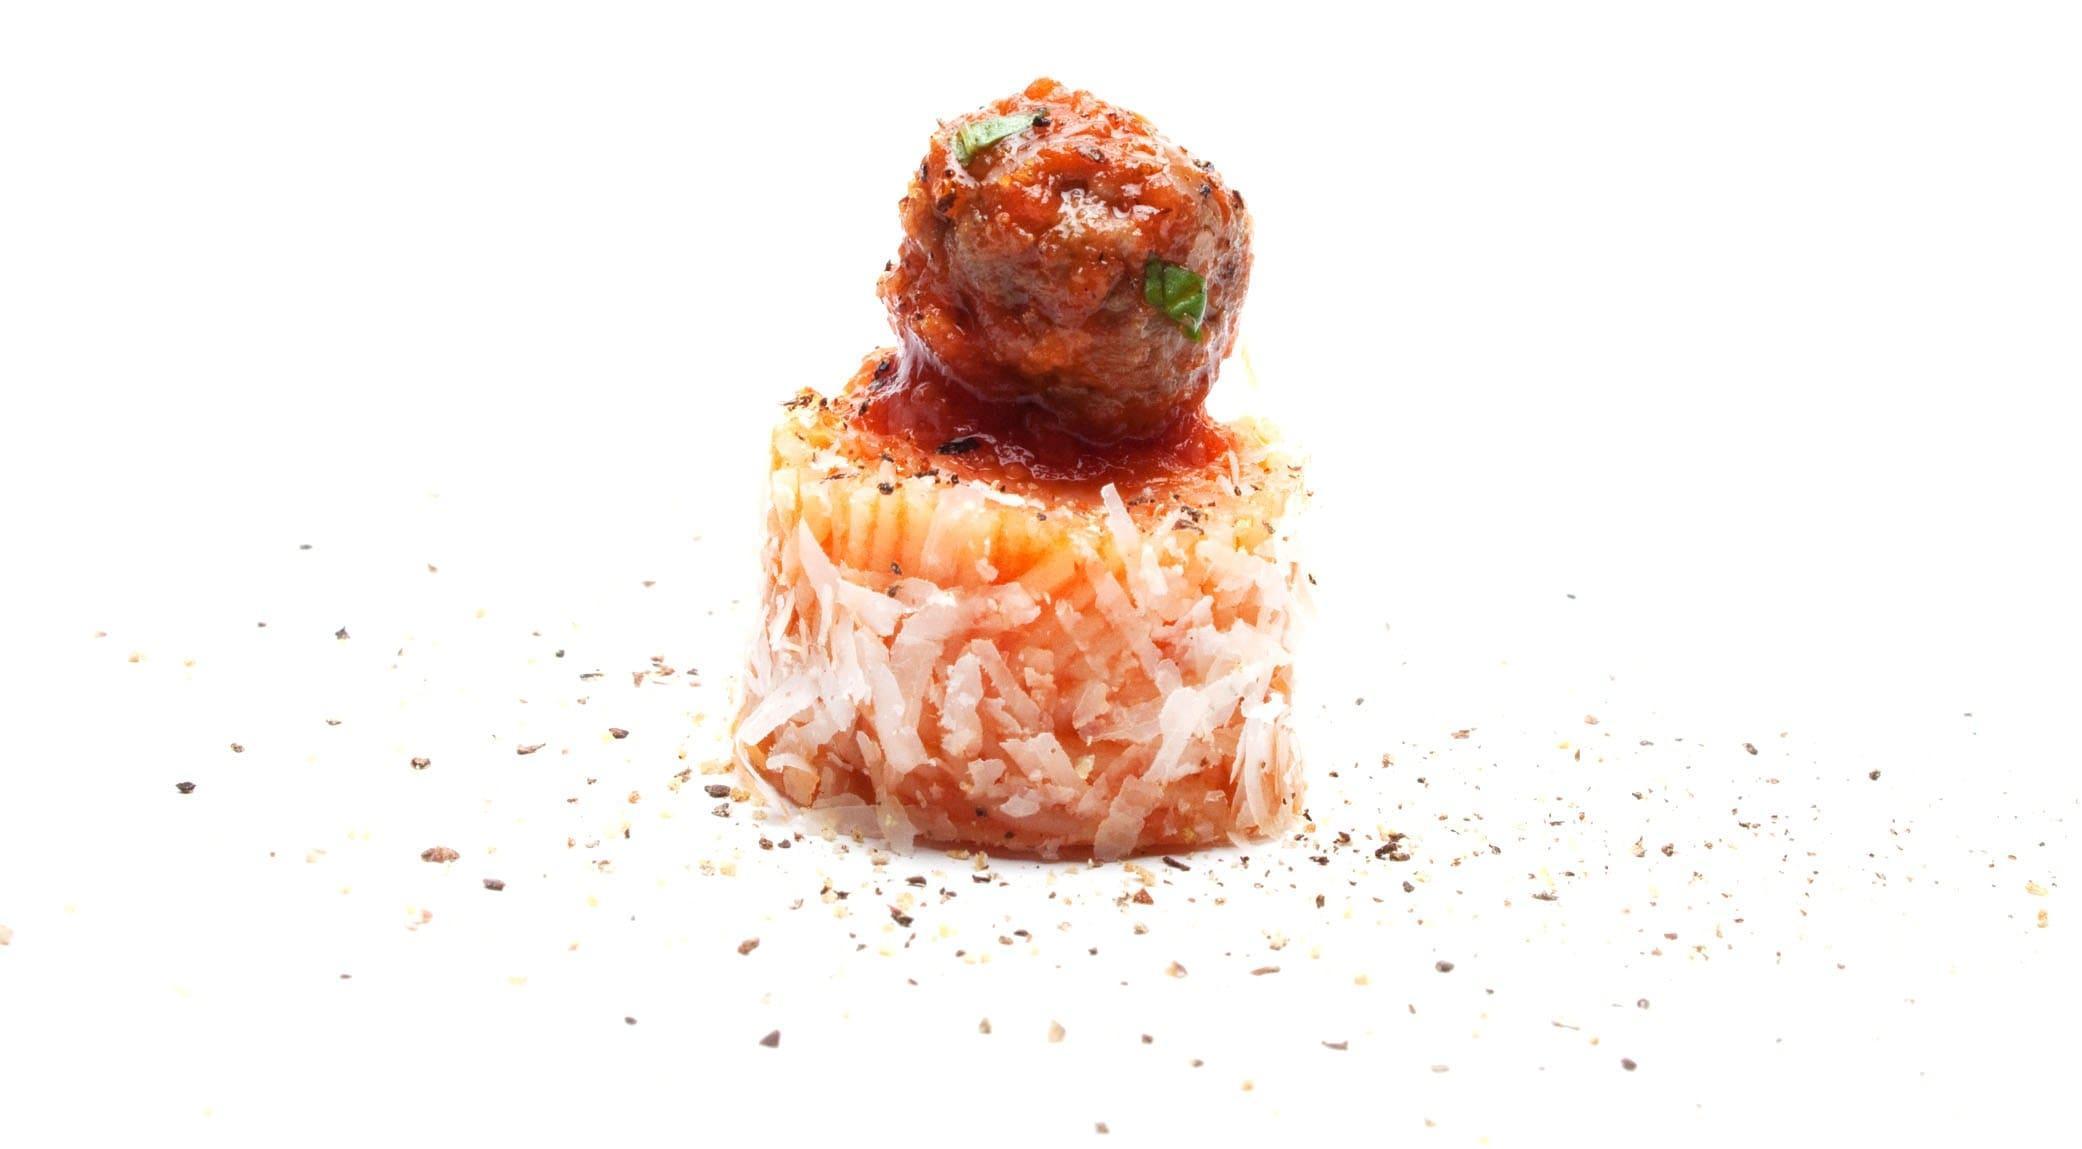 original_SpaghettiAndMeatballs.jpg